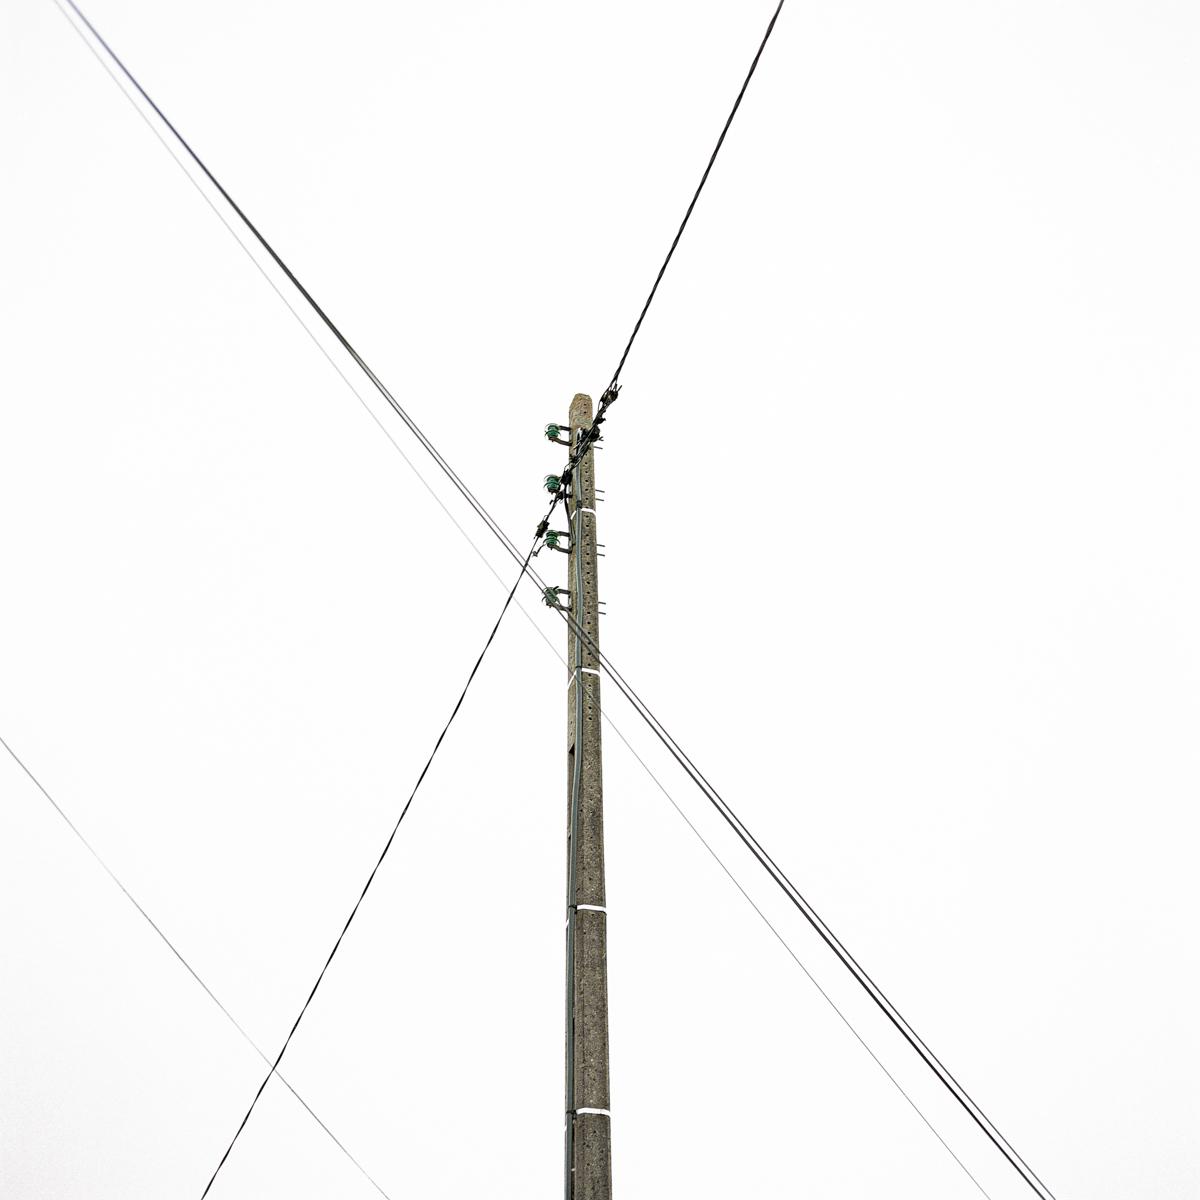 photos lampadaires poteaux electriques tom fish photographe